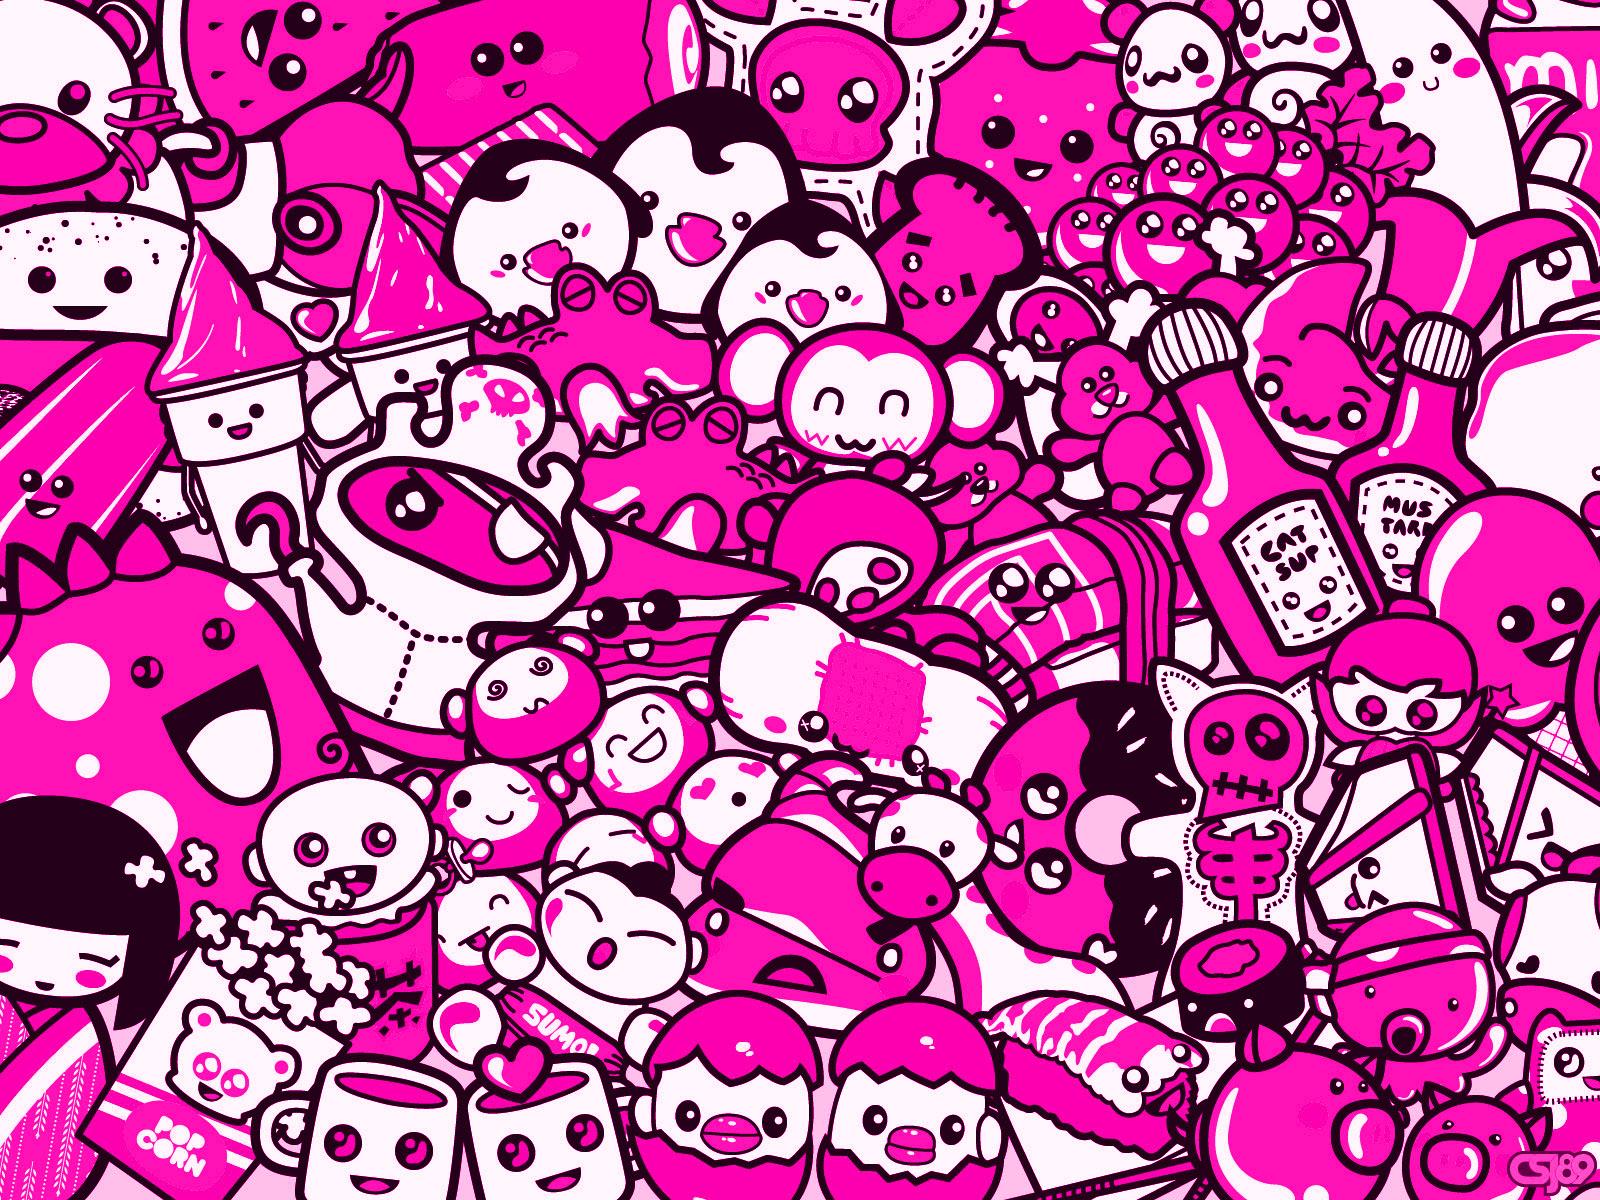 pink wallpaper wallpapersafari